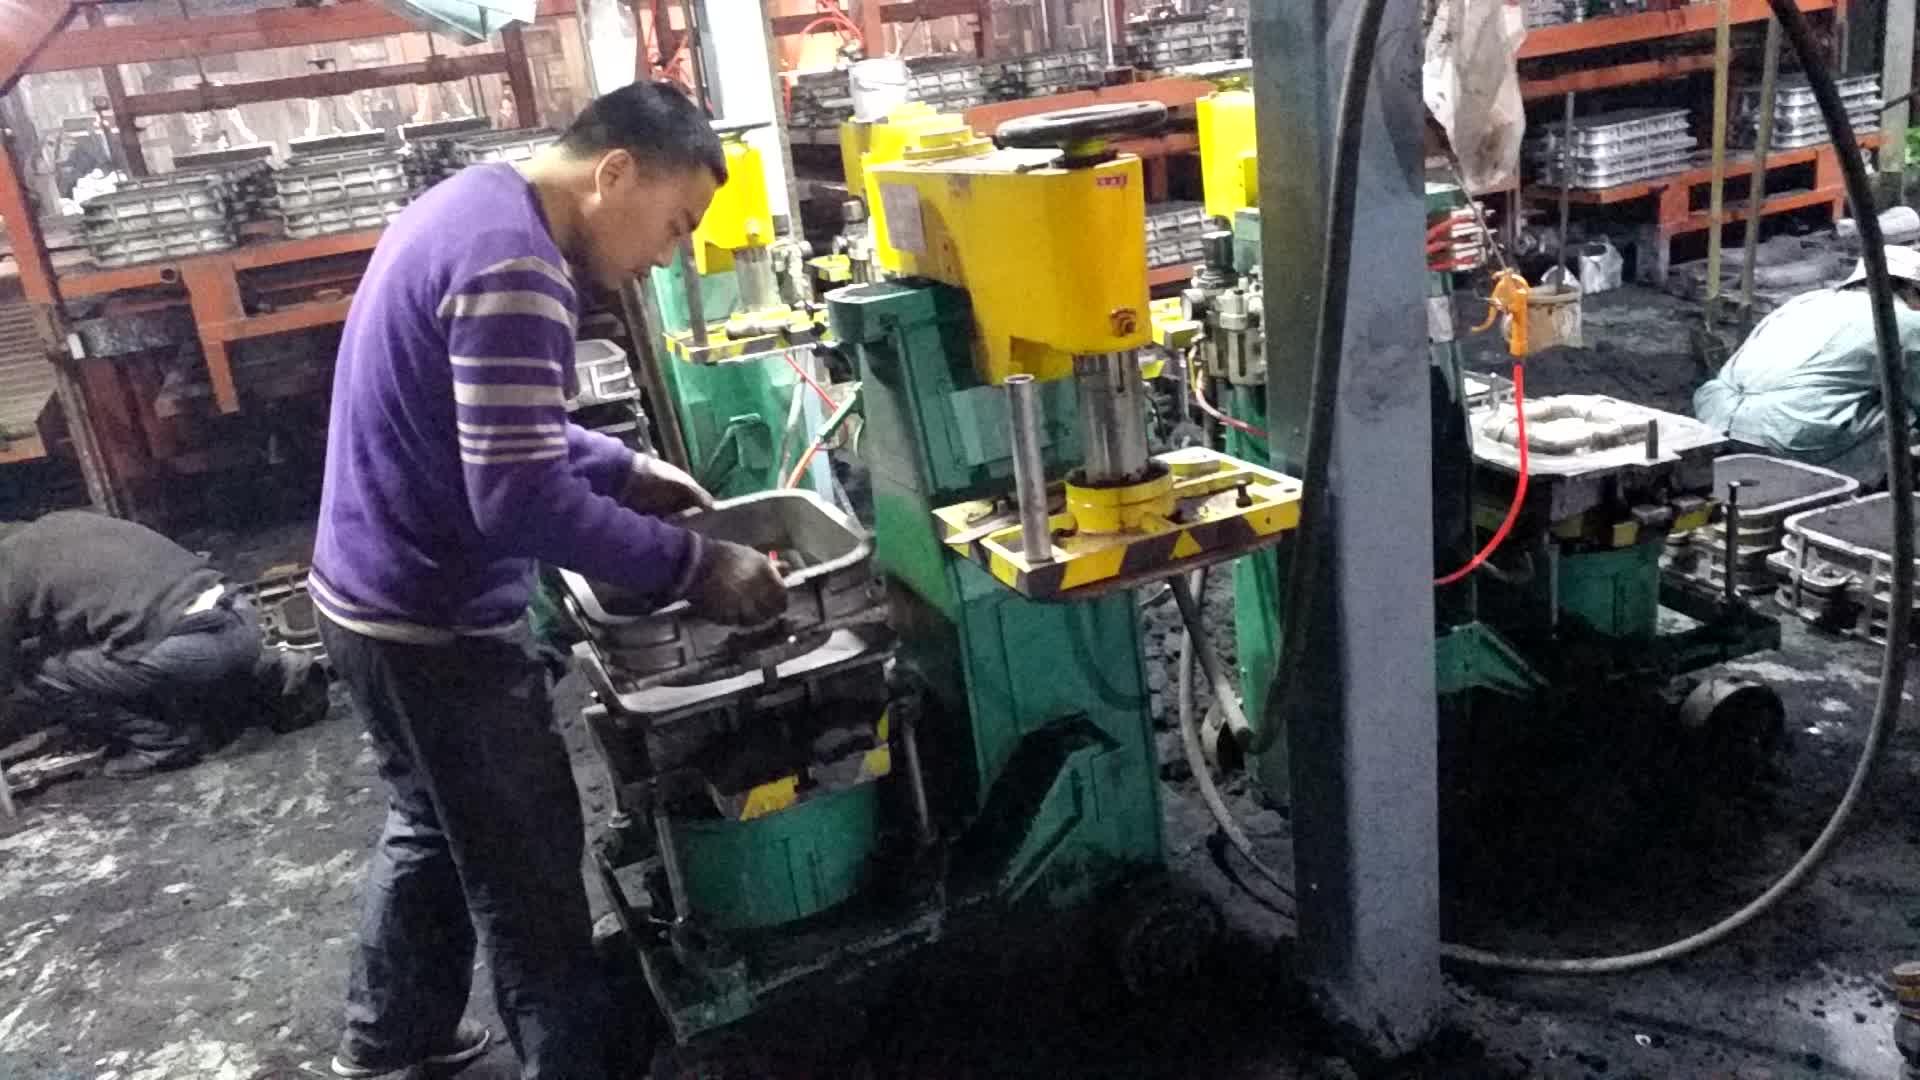 Dökümhane kullanılmış jolt squeeze kil kum kalıplama makinesi, döküm makinesi satılık